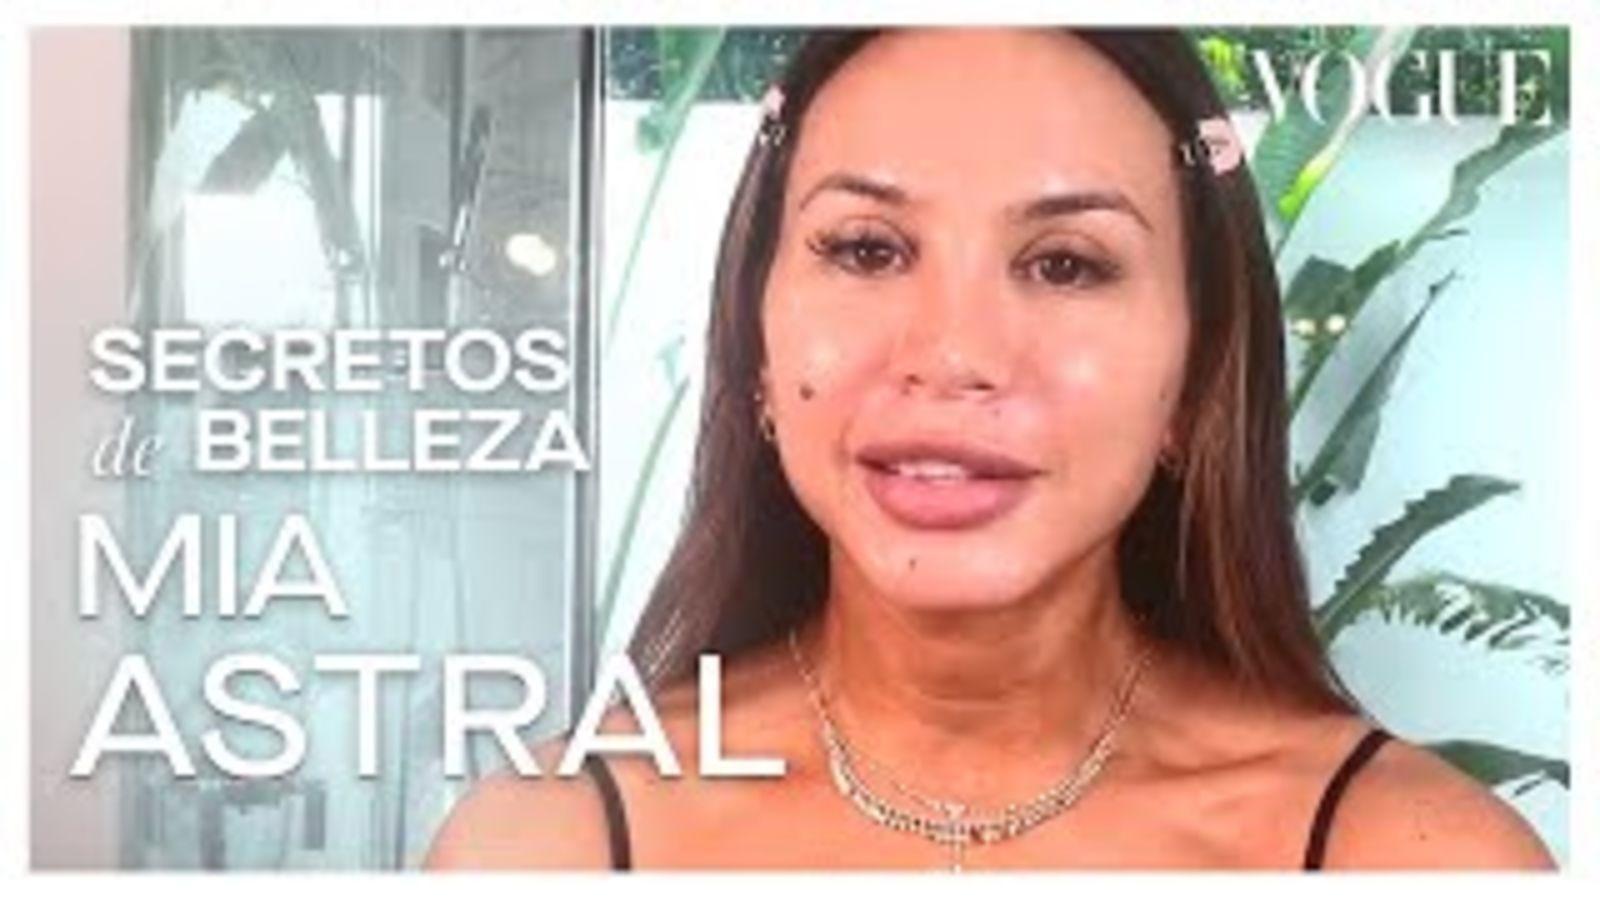 Mia Astral y su rutina de belleza para un cuidado profundo de la piel